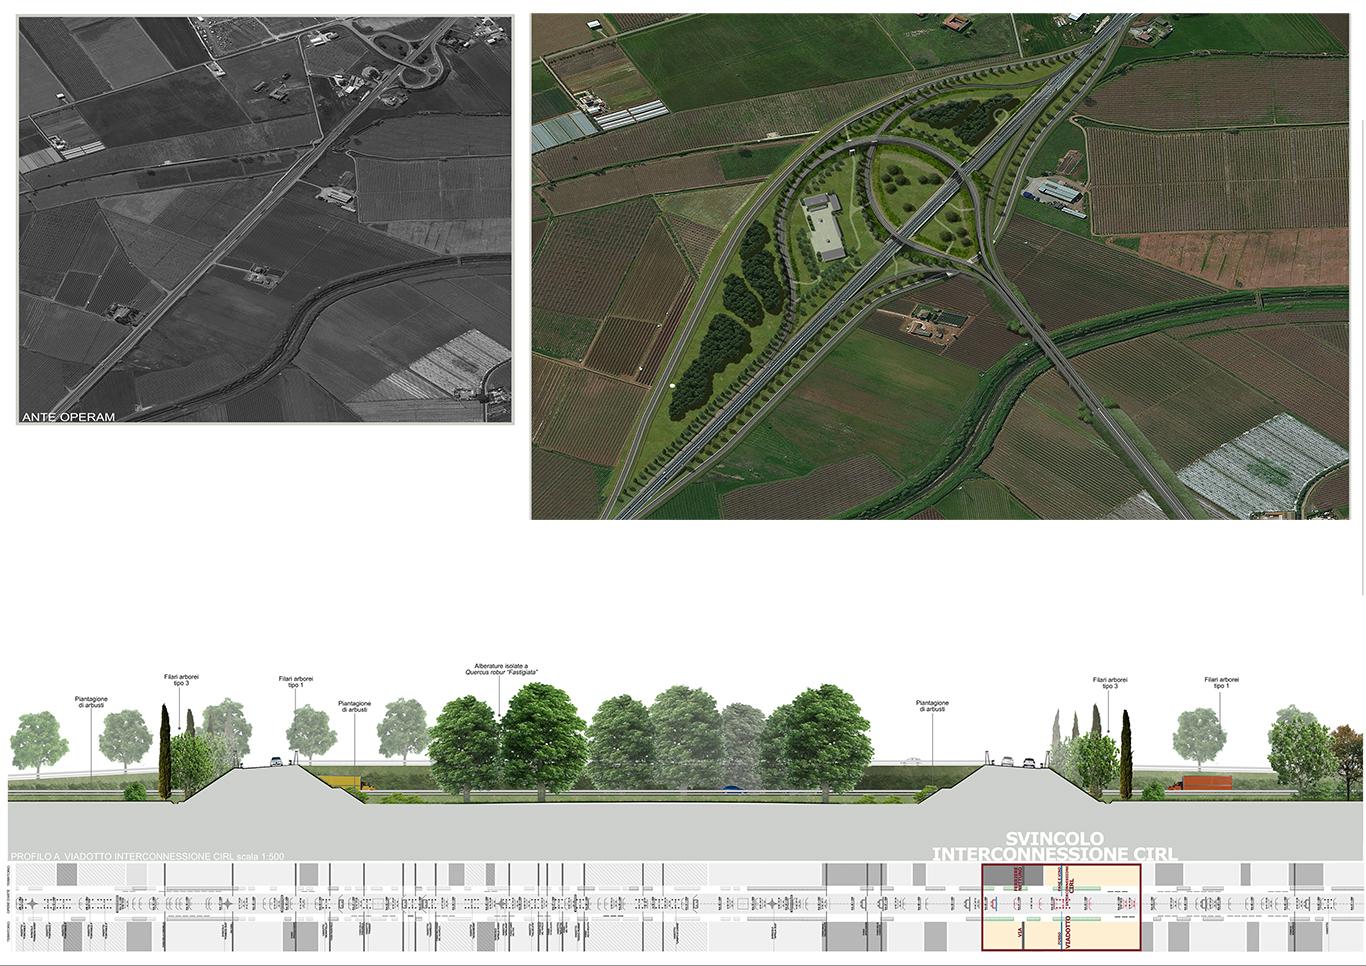 Corridoio intermodale Roma-Latina e collegamento Cisterna-Valmontone